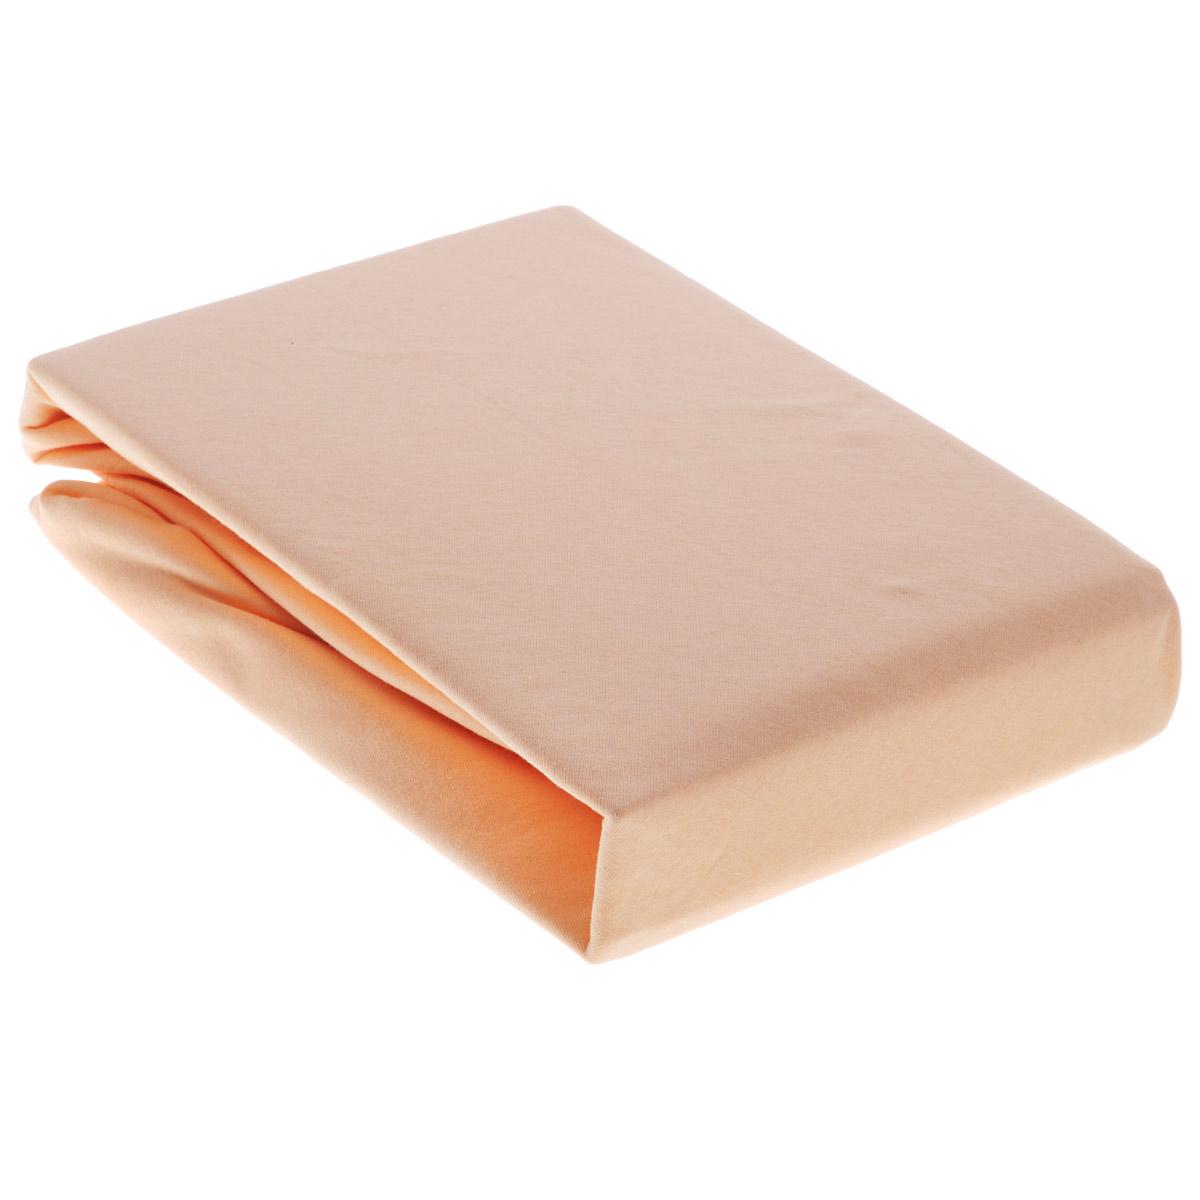 Простыня OL-Tex Джерси, на резинке, цвет: персиковый, 180 х 200 х 20 смПтр-180Простыня OL-Tex Джерси изготовлена из гладкокрашеного трикотажного полотна, не имеет швов. По всему периметру простыня снабжена резинкой. Изделие легко одевается на матрасы высотой до 20 см. Идеально подходит в качестве наматрасника. Рекомендации по уходу: - Ручная и машинная стирка при температуре 30°С. - Гладить при средней температуре до 150°С. - Не отбеливать. - Можно сушить и отжимать в стиральной машине. - Химчистка запрещена.